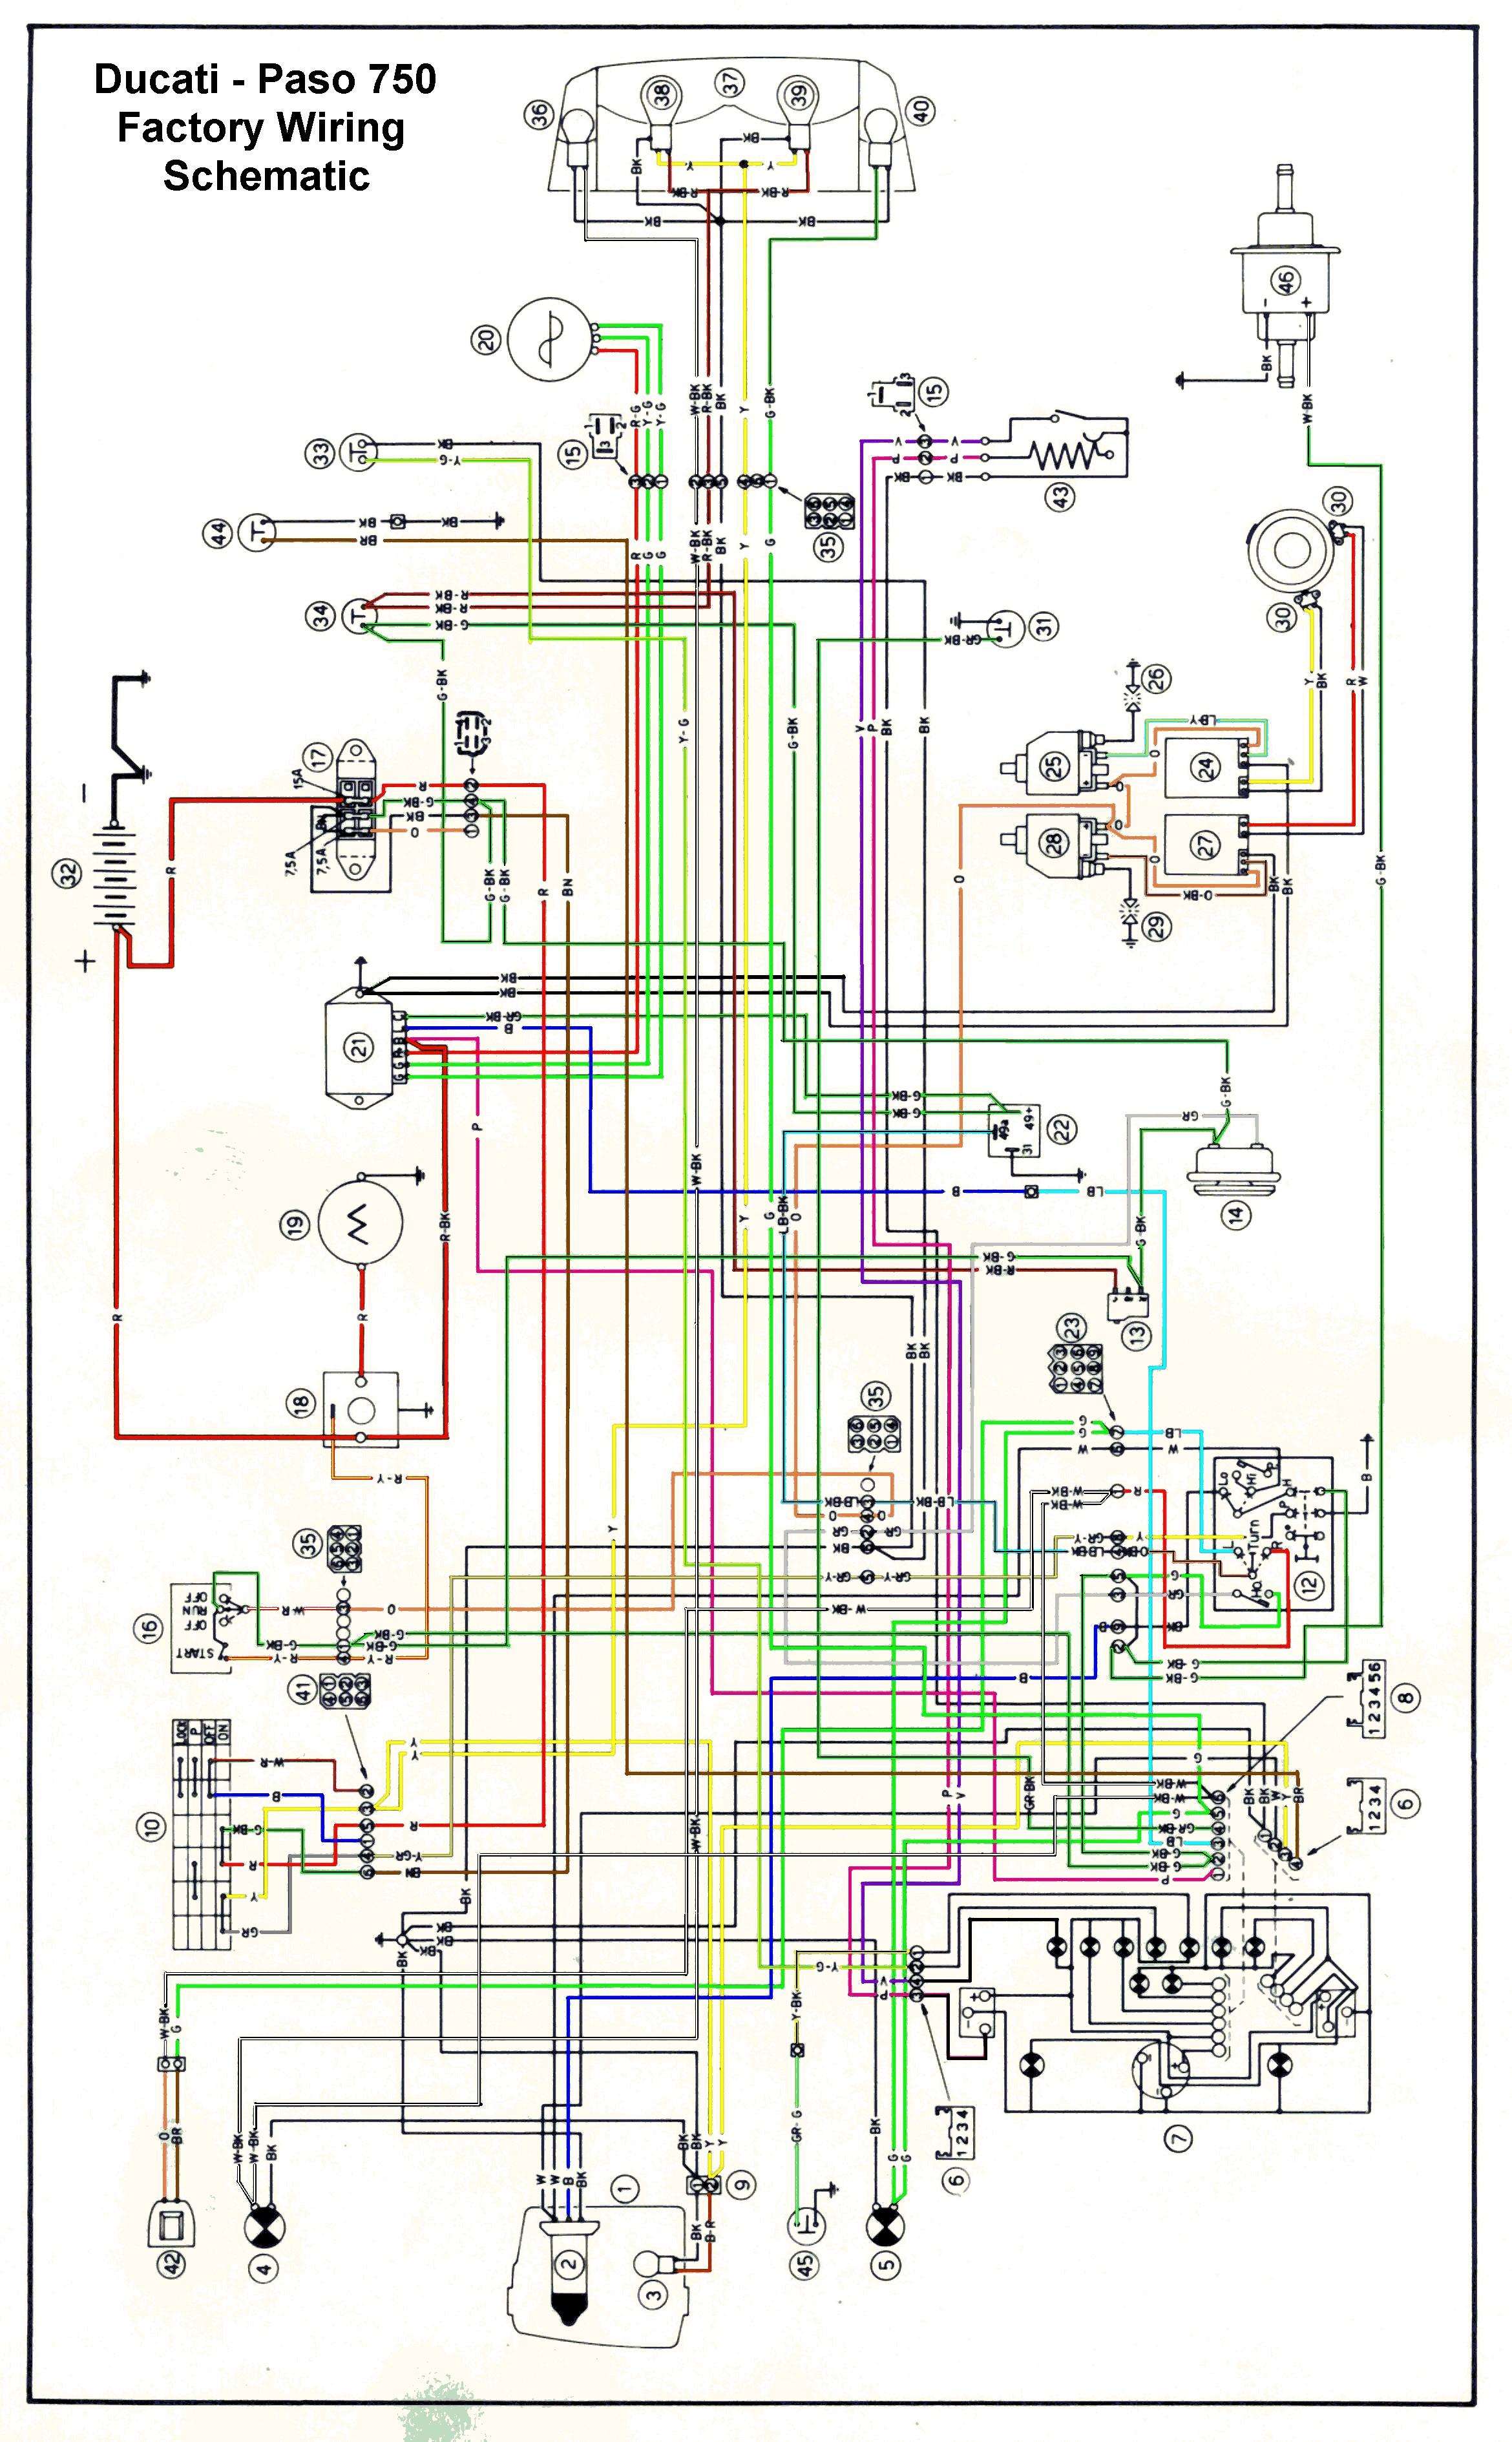 2002 ducati 900 wiring diagram ko 2457  ducati multistrada 1200 electrical wiring diagram  ducati multistrada 1200 electrical